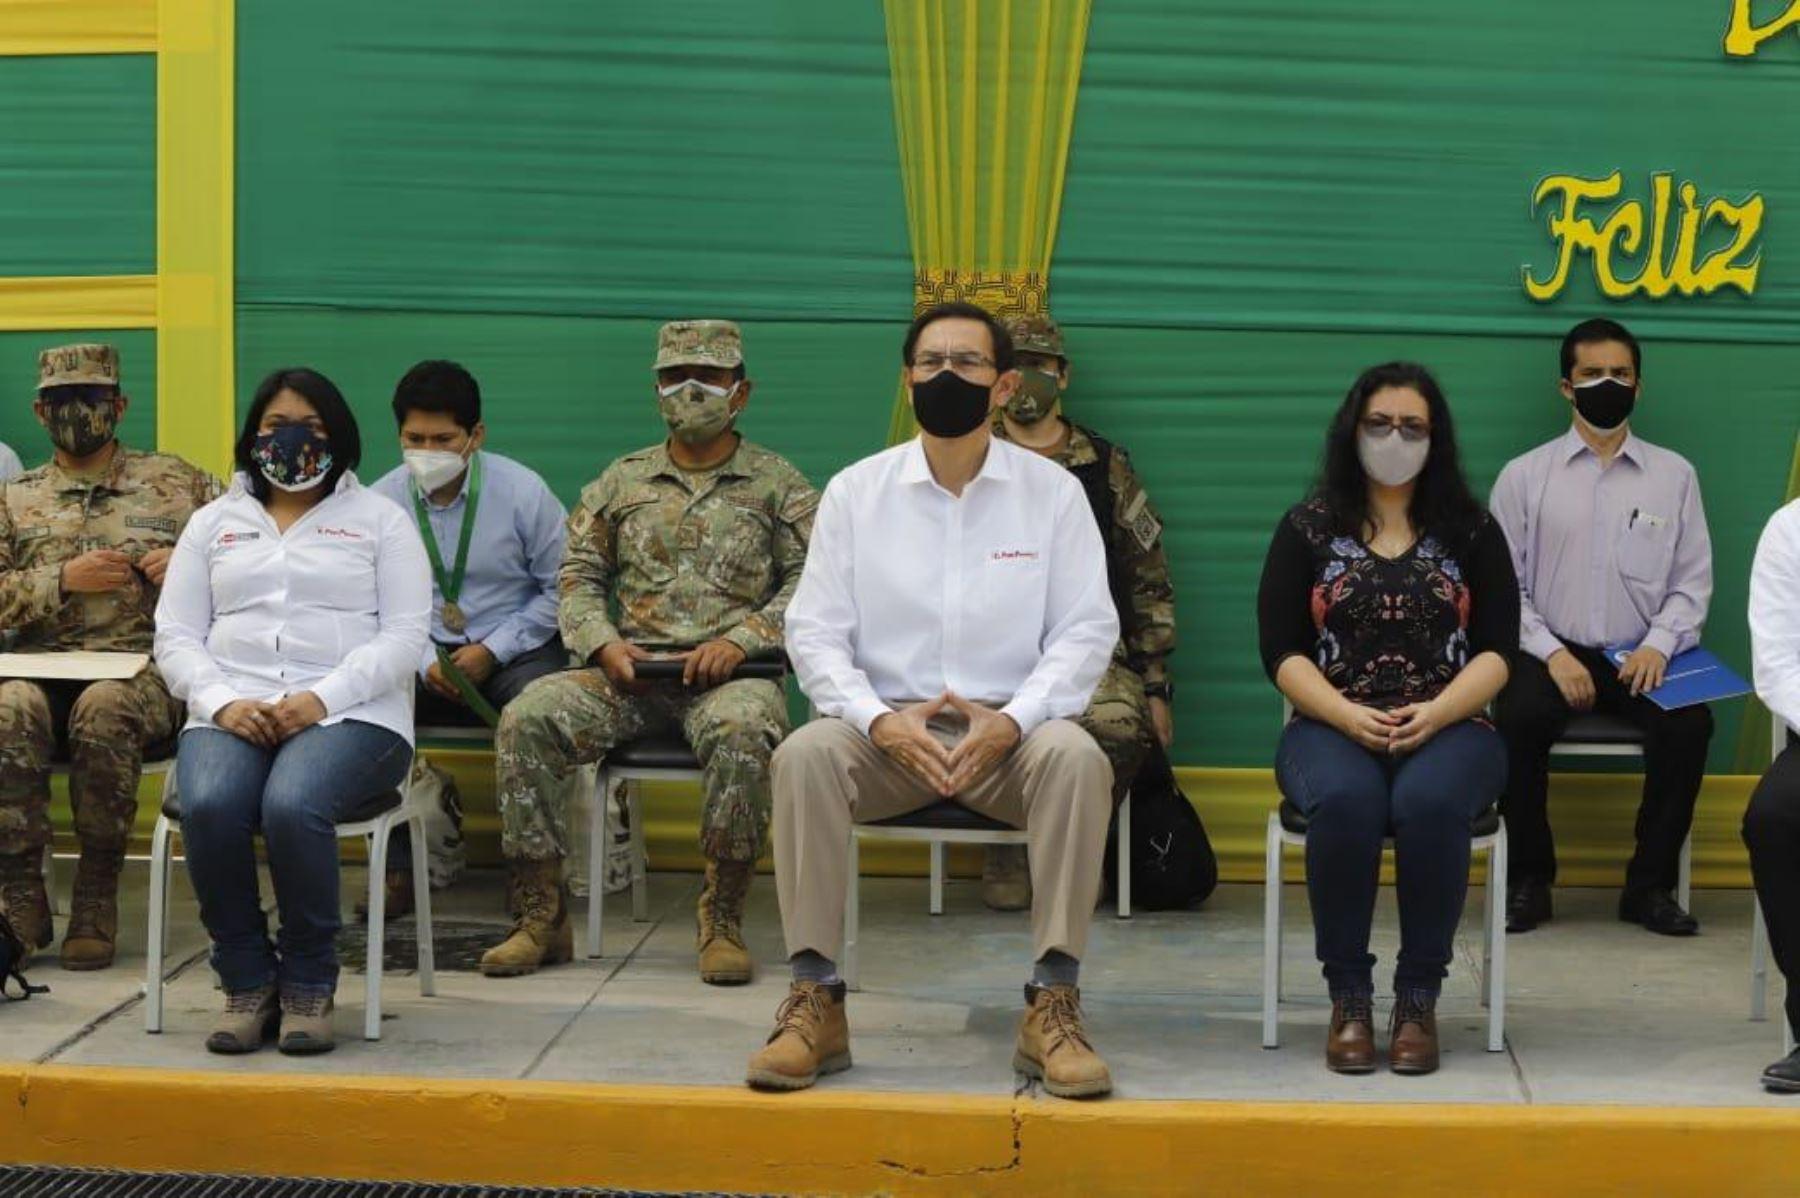 El presidente Martín Vizcarra, acompañado de la primera dama, Maribel Díaz, y la ministra Ana Neyra, se encuentra en Junín para supervisar los esfuerzos del Gobierno en la lucha contra el Covid-19. Foto: ANDINA/Prensa Presidencia